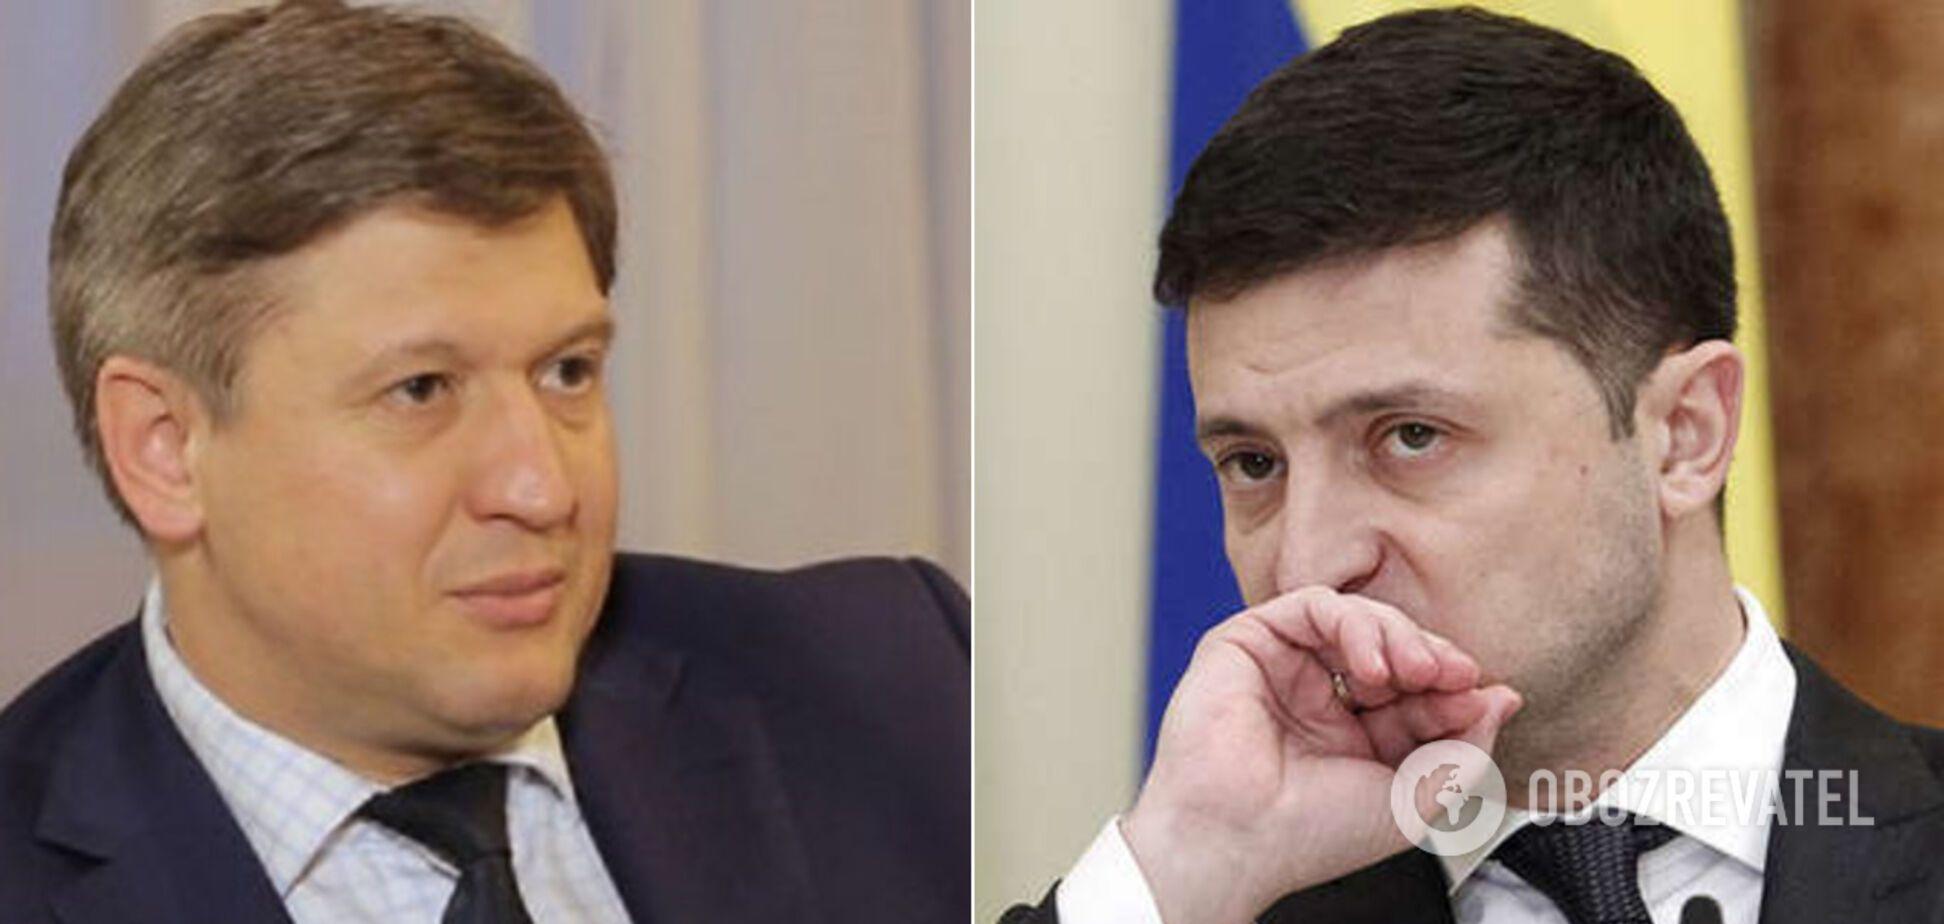 Данилюк заявив, що Зеленський обрав не той шлях після перемоги на виборах